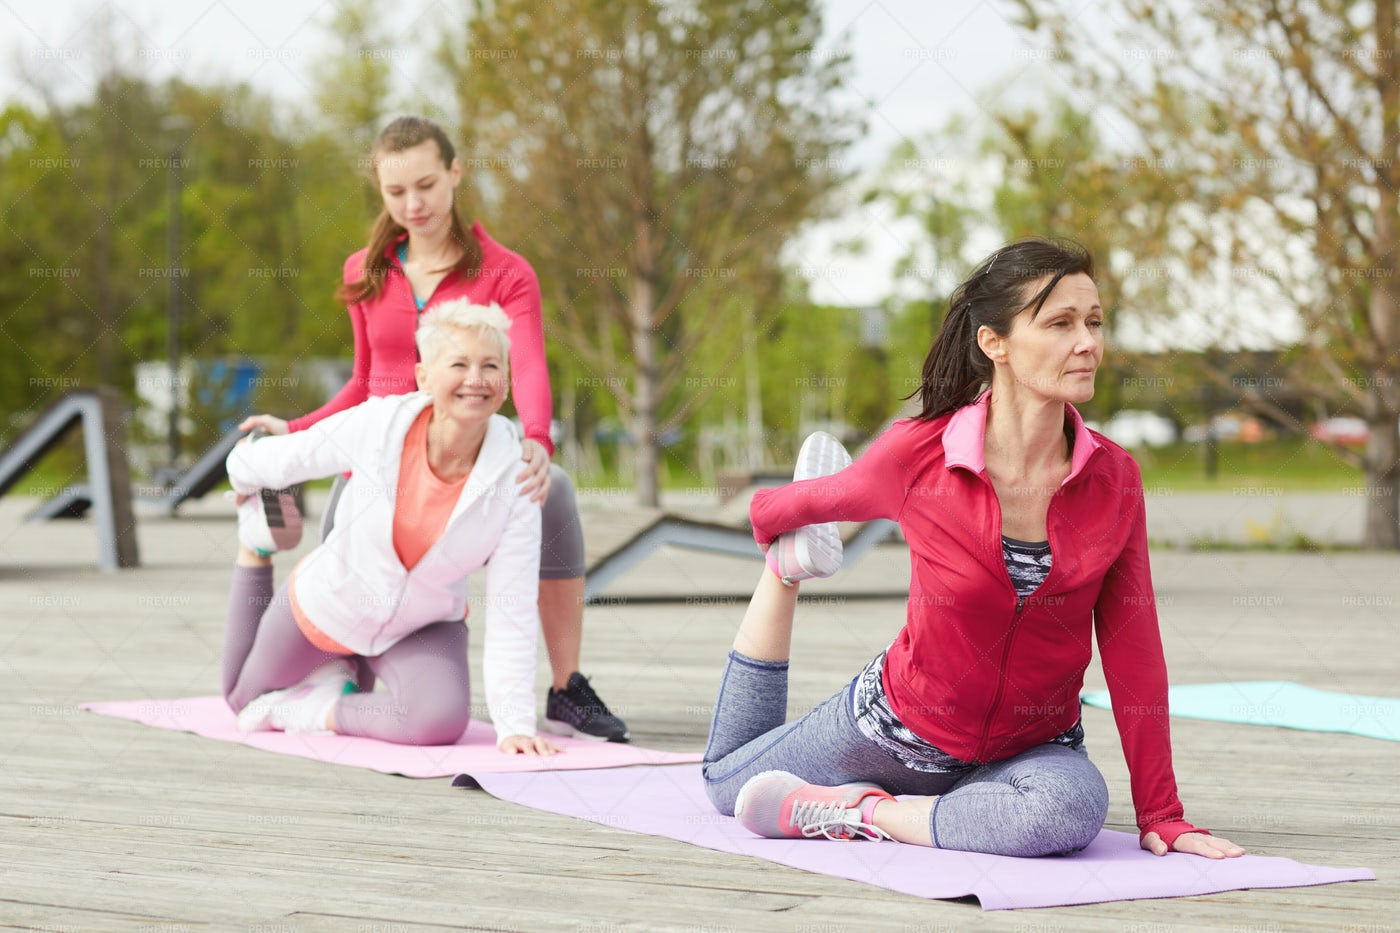 Yoga Class Outdoors: Stock Photos